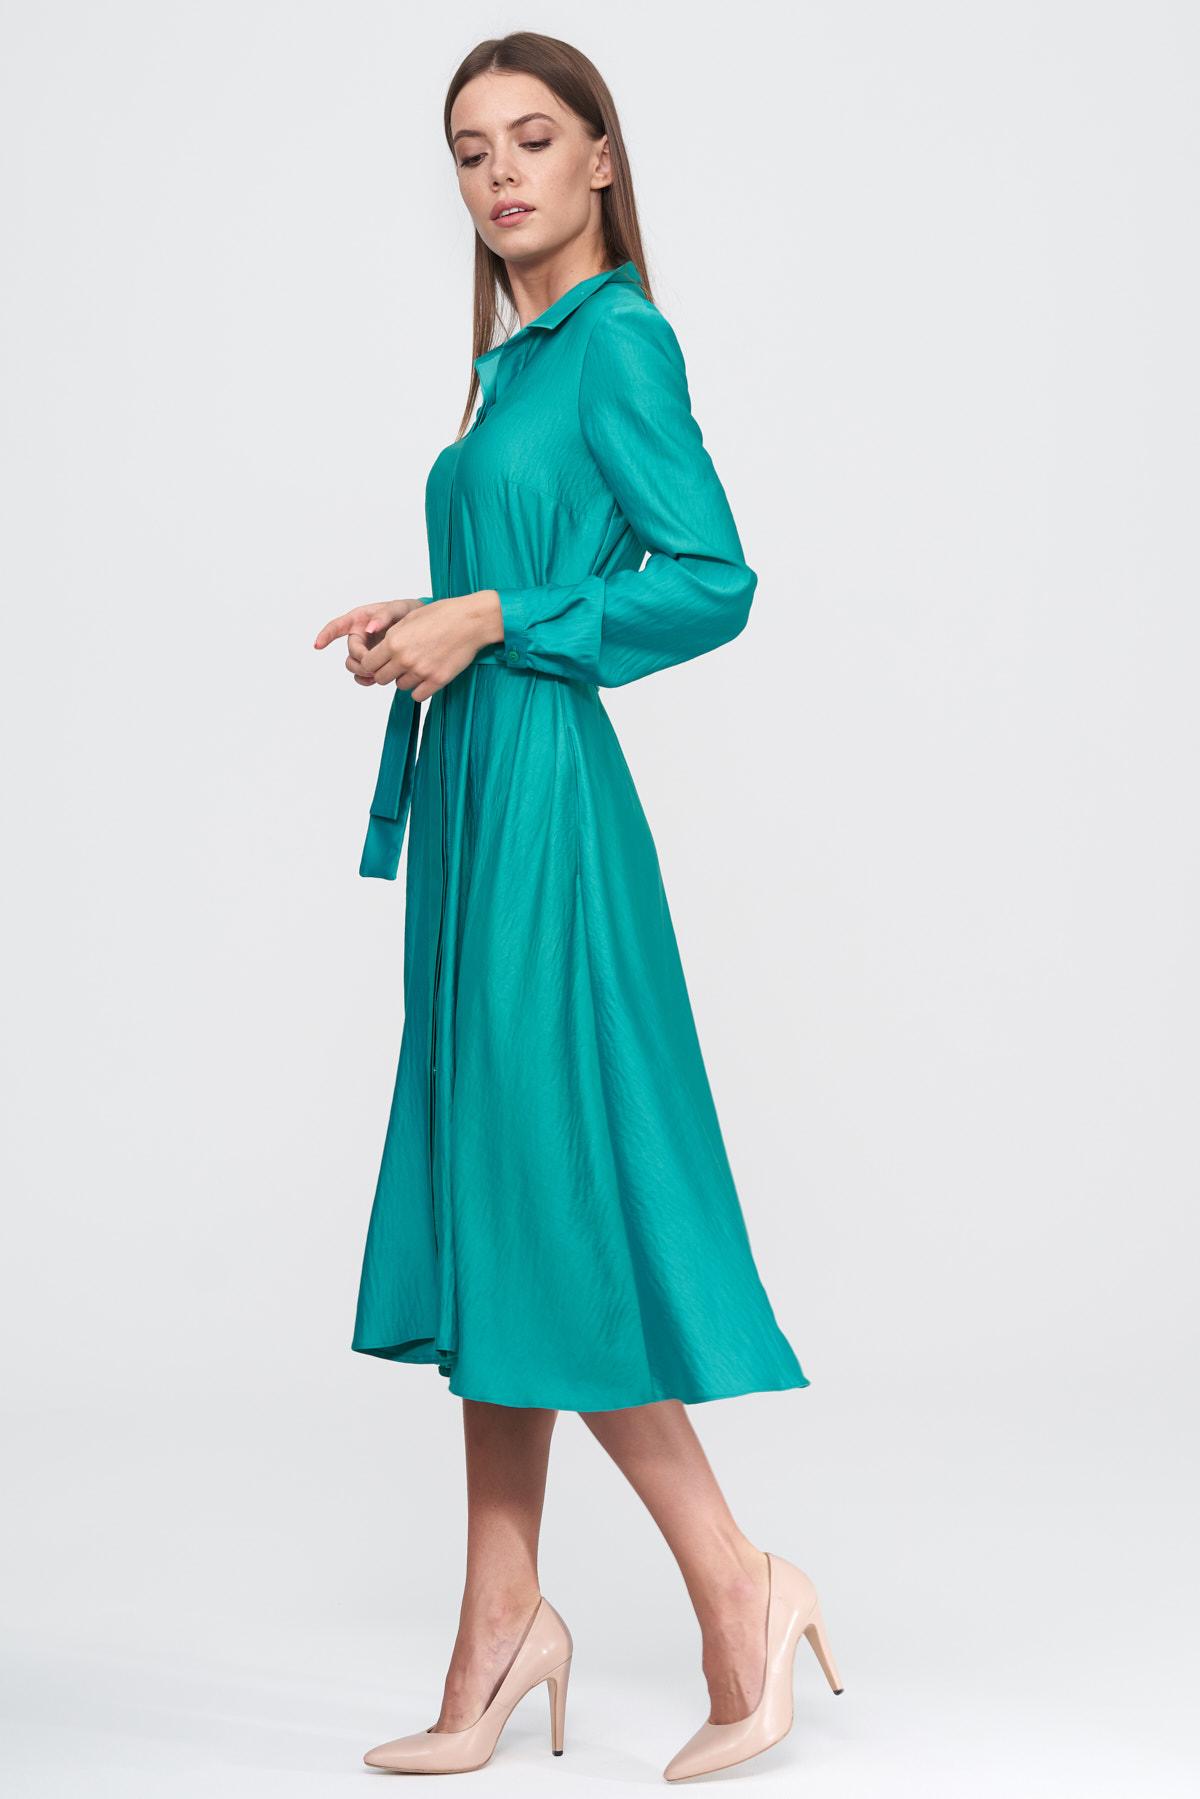 Платье женские Natali Bolgar модель 19085MAG388 характеристики, 2017